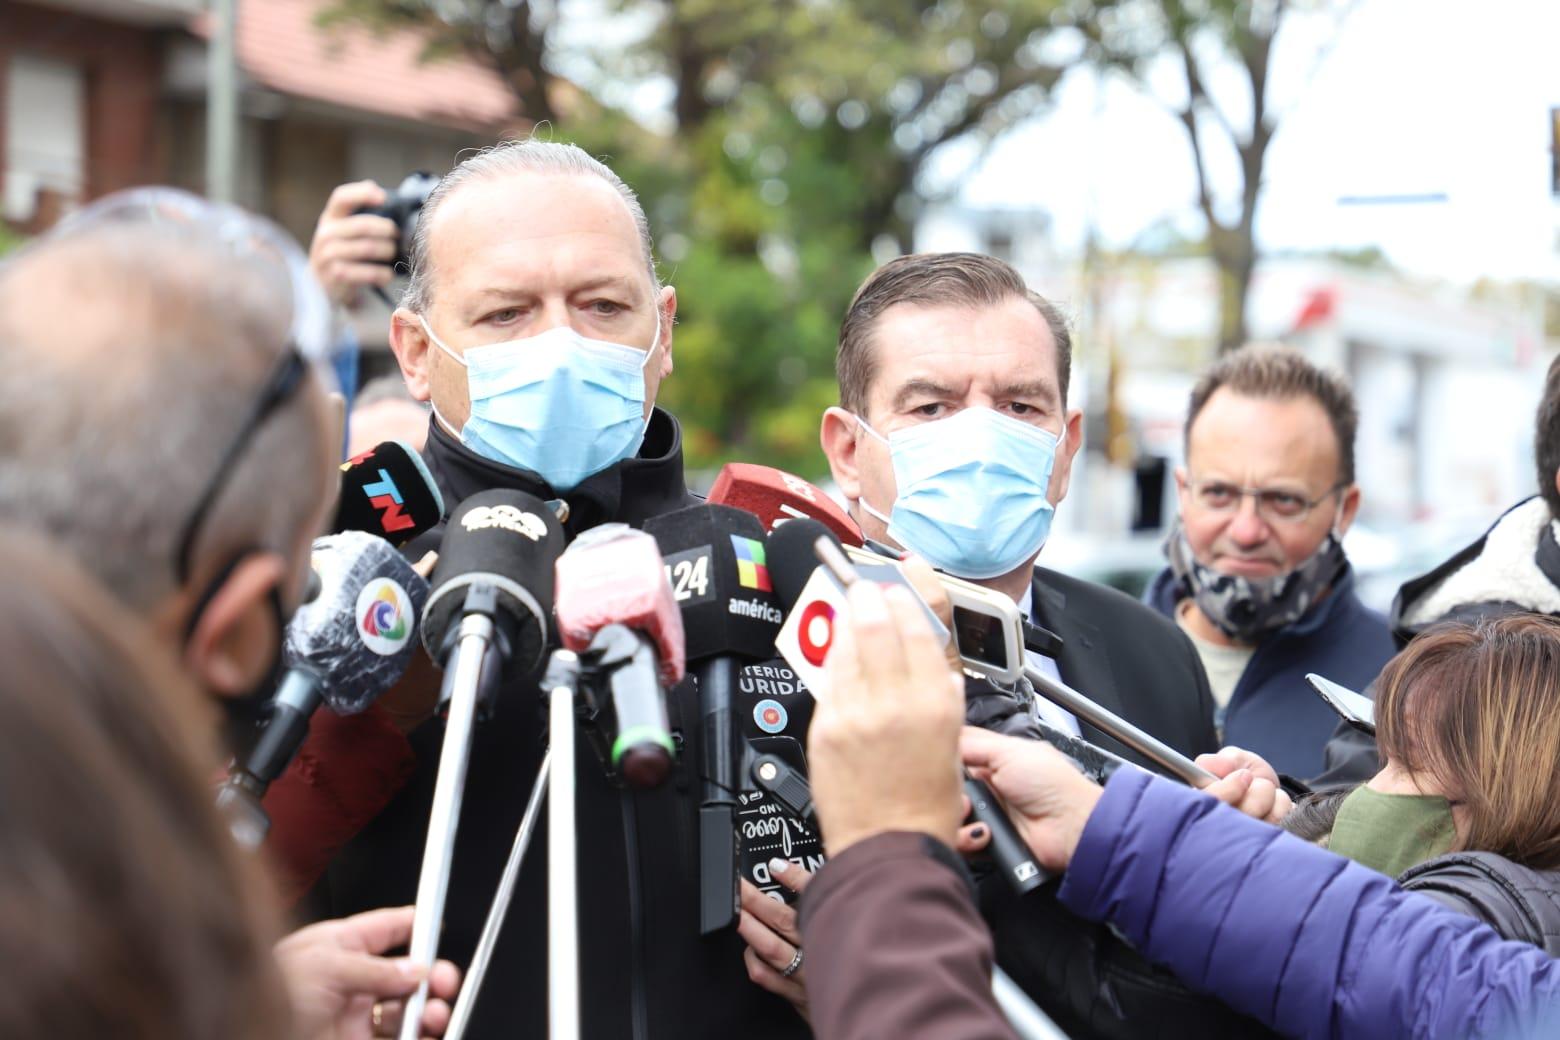 «Queremos que la justicia actúe con rigor y celeridad», dijo Berni en el velatorio del policía